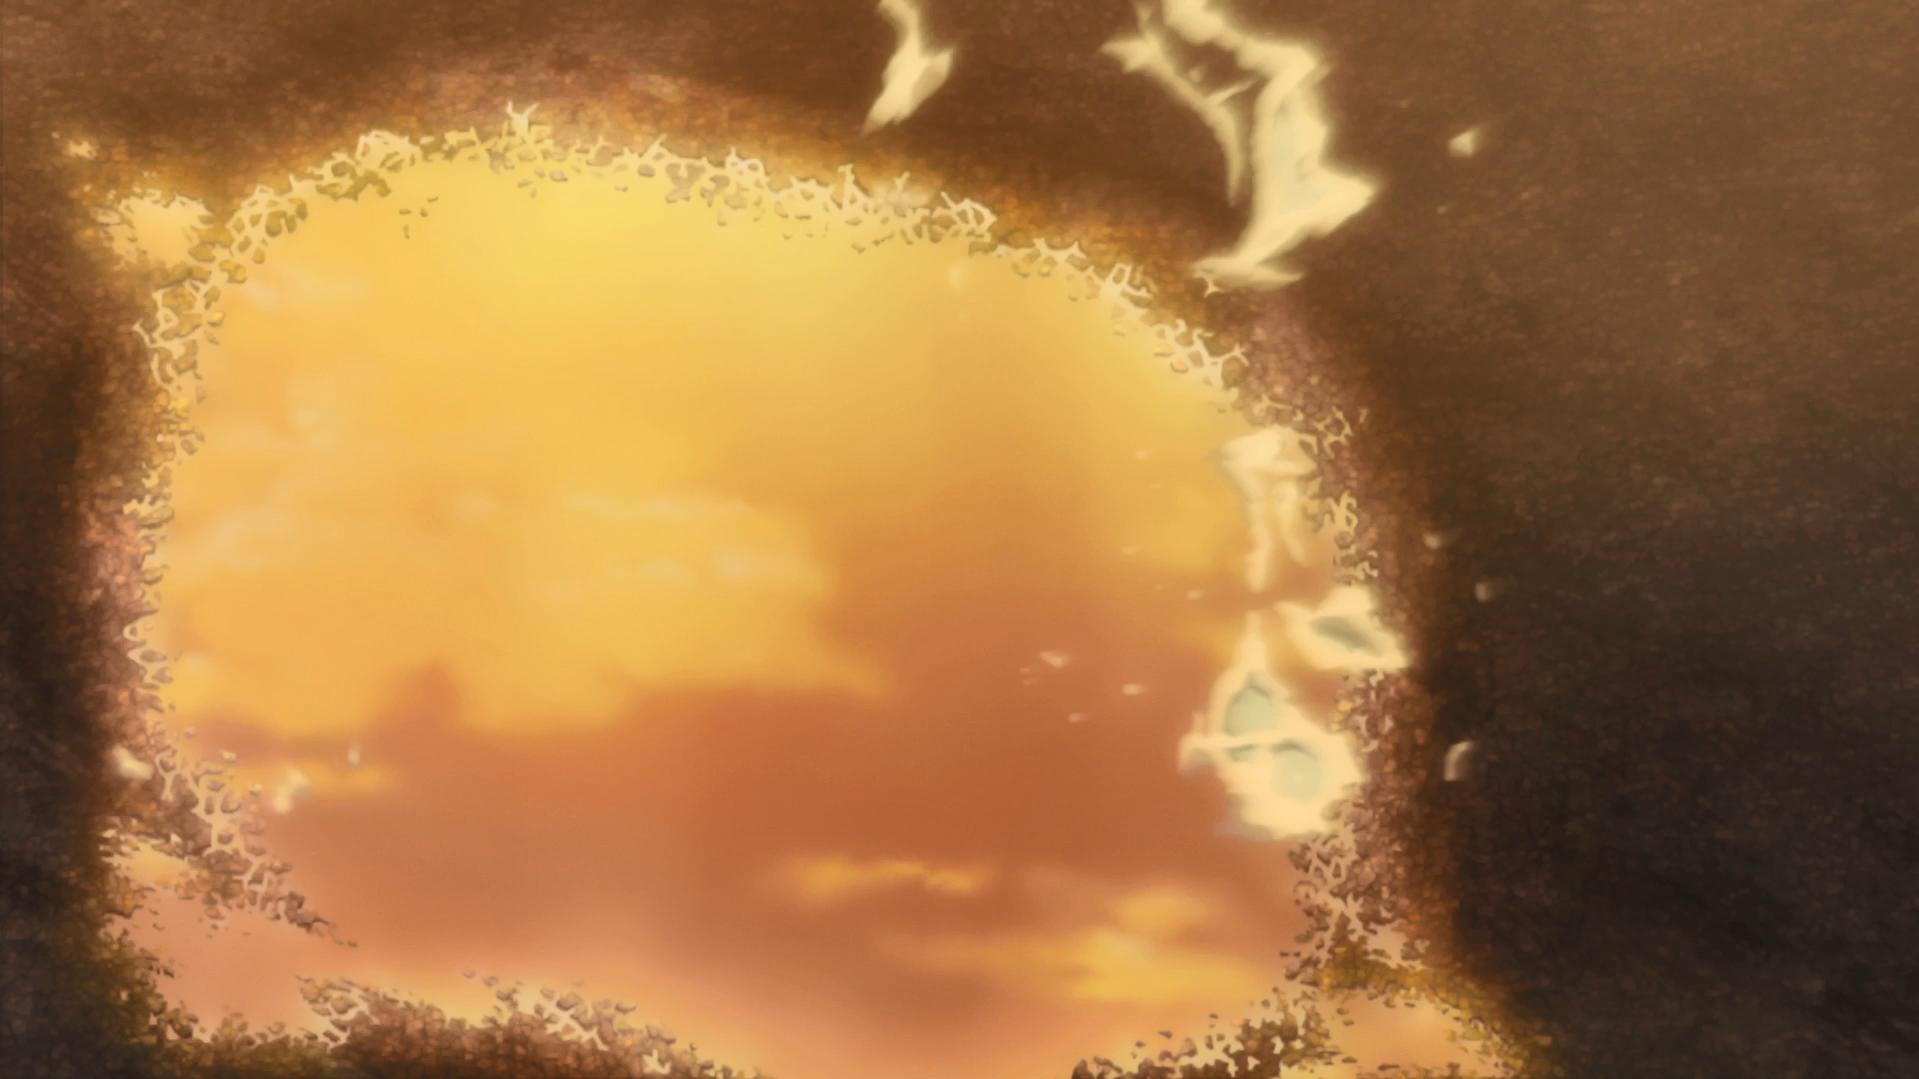 Oregairu Kan #4 flaque d'eau3